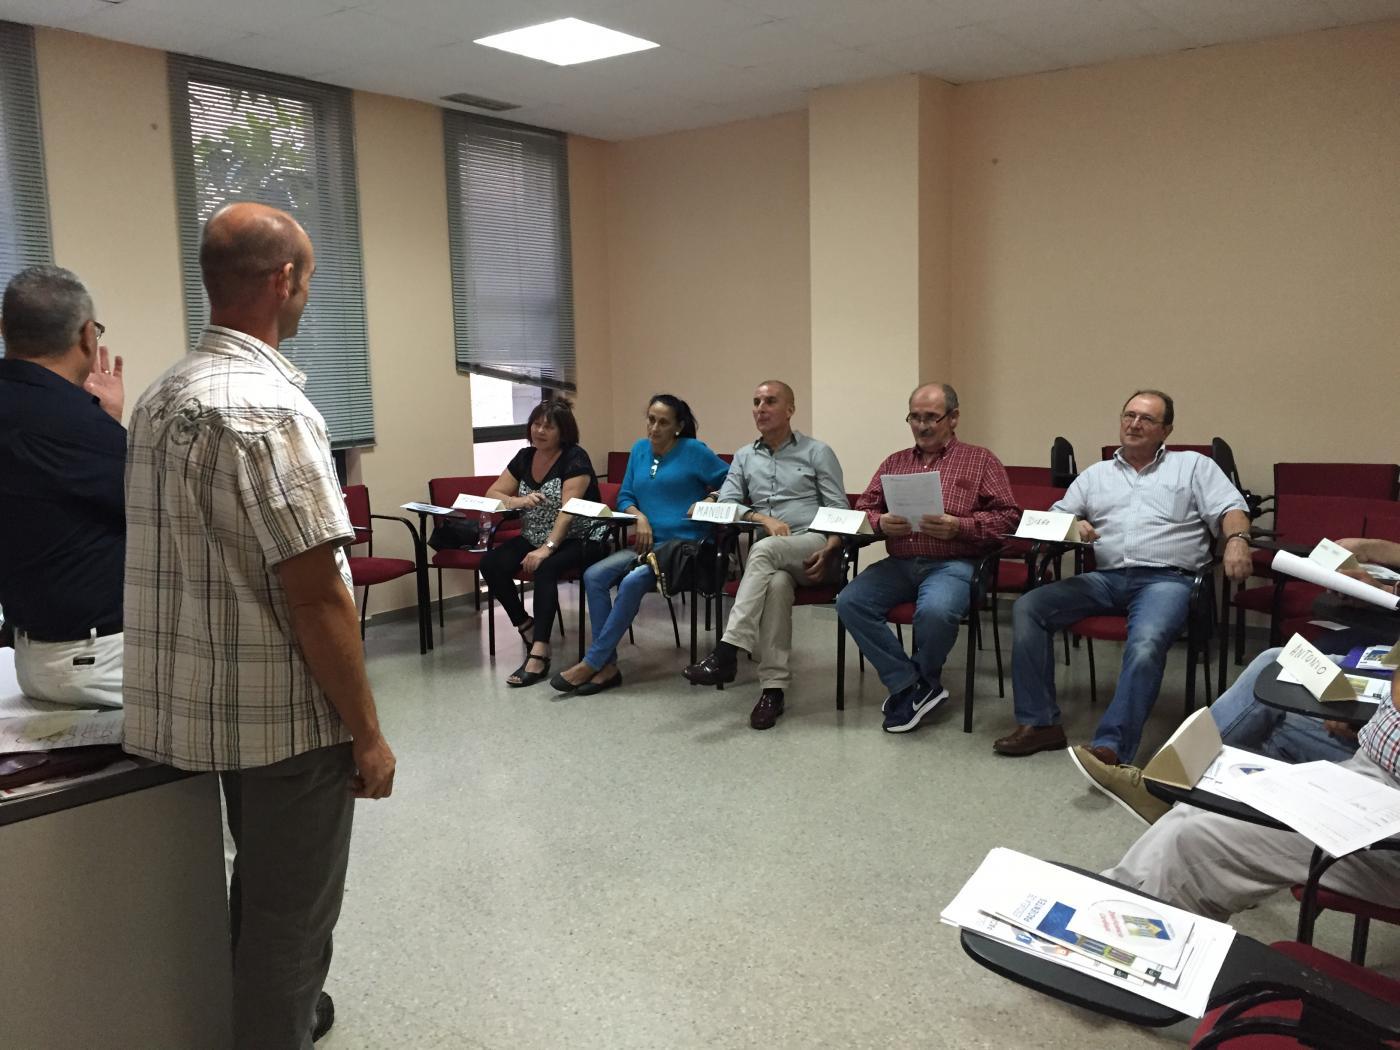 Primera aula en Huelva para pacientes que han sufrido infarto de miocardio